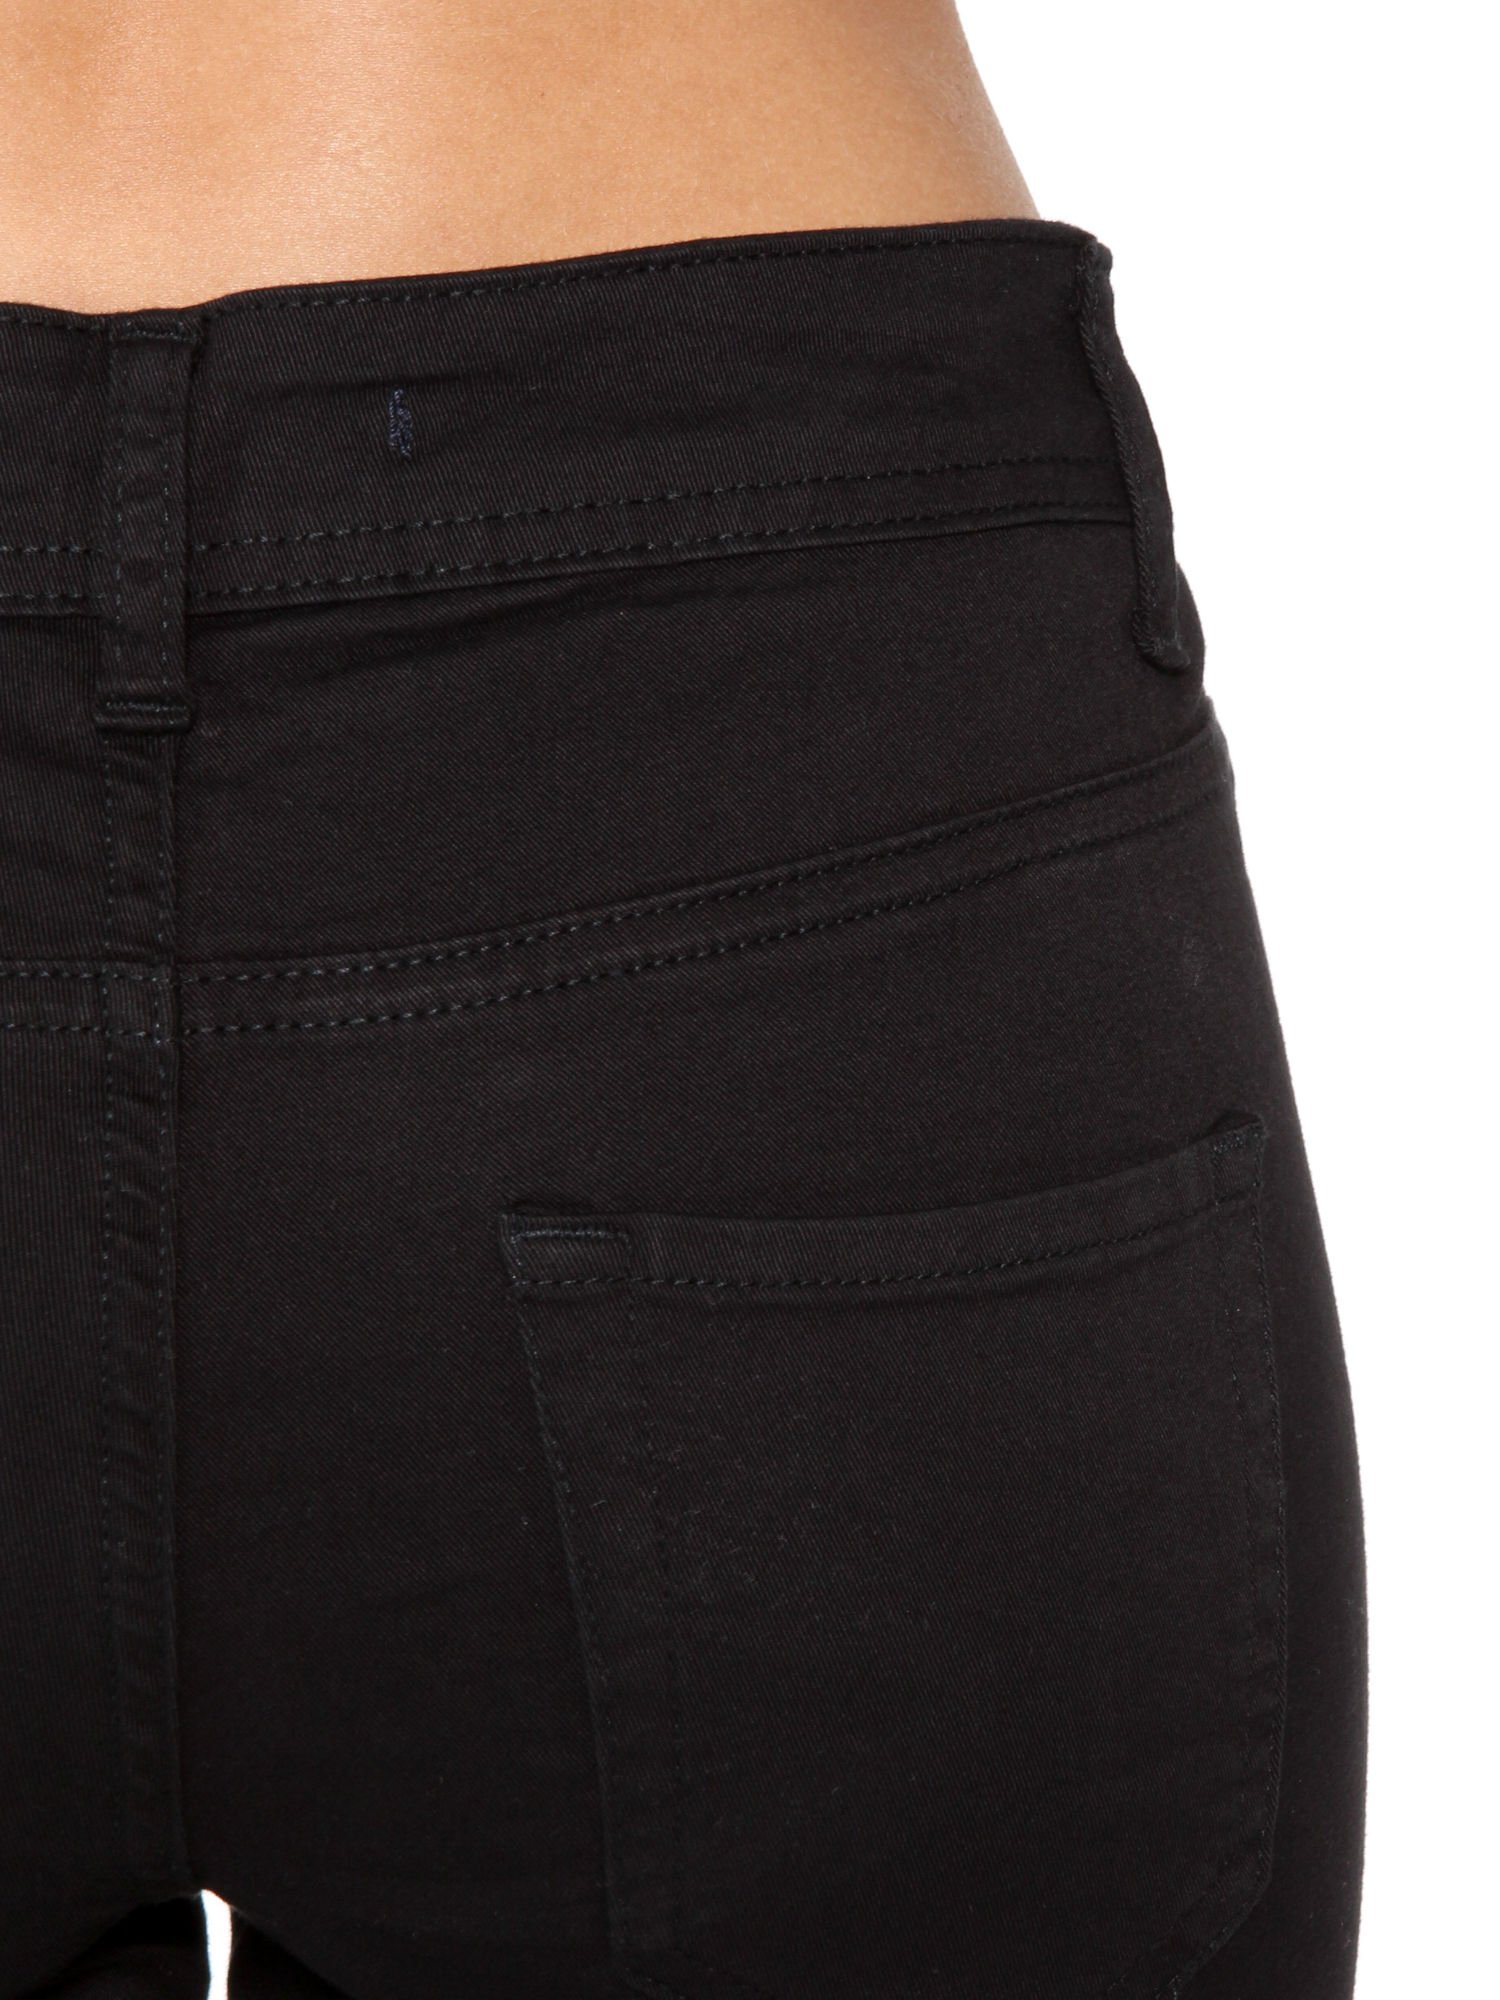 Czarne spodnie jeansowe two tone z białymi modułami na dole                                  zdj.                                  6